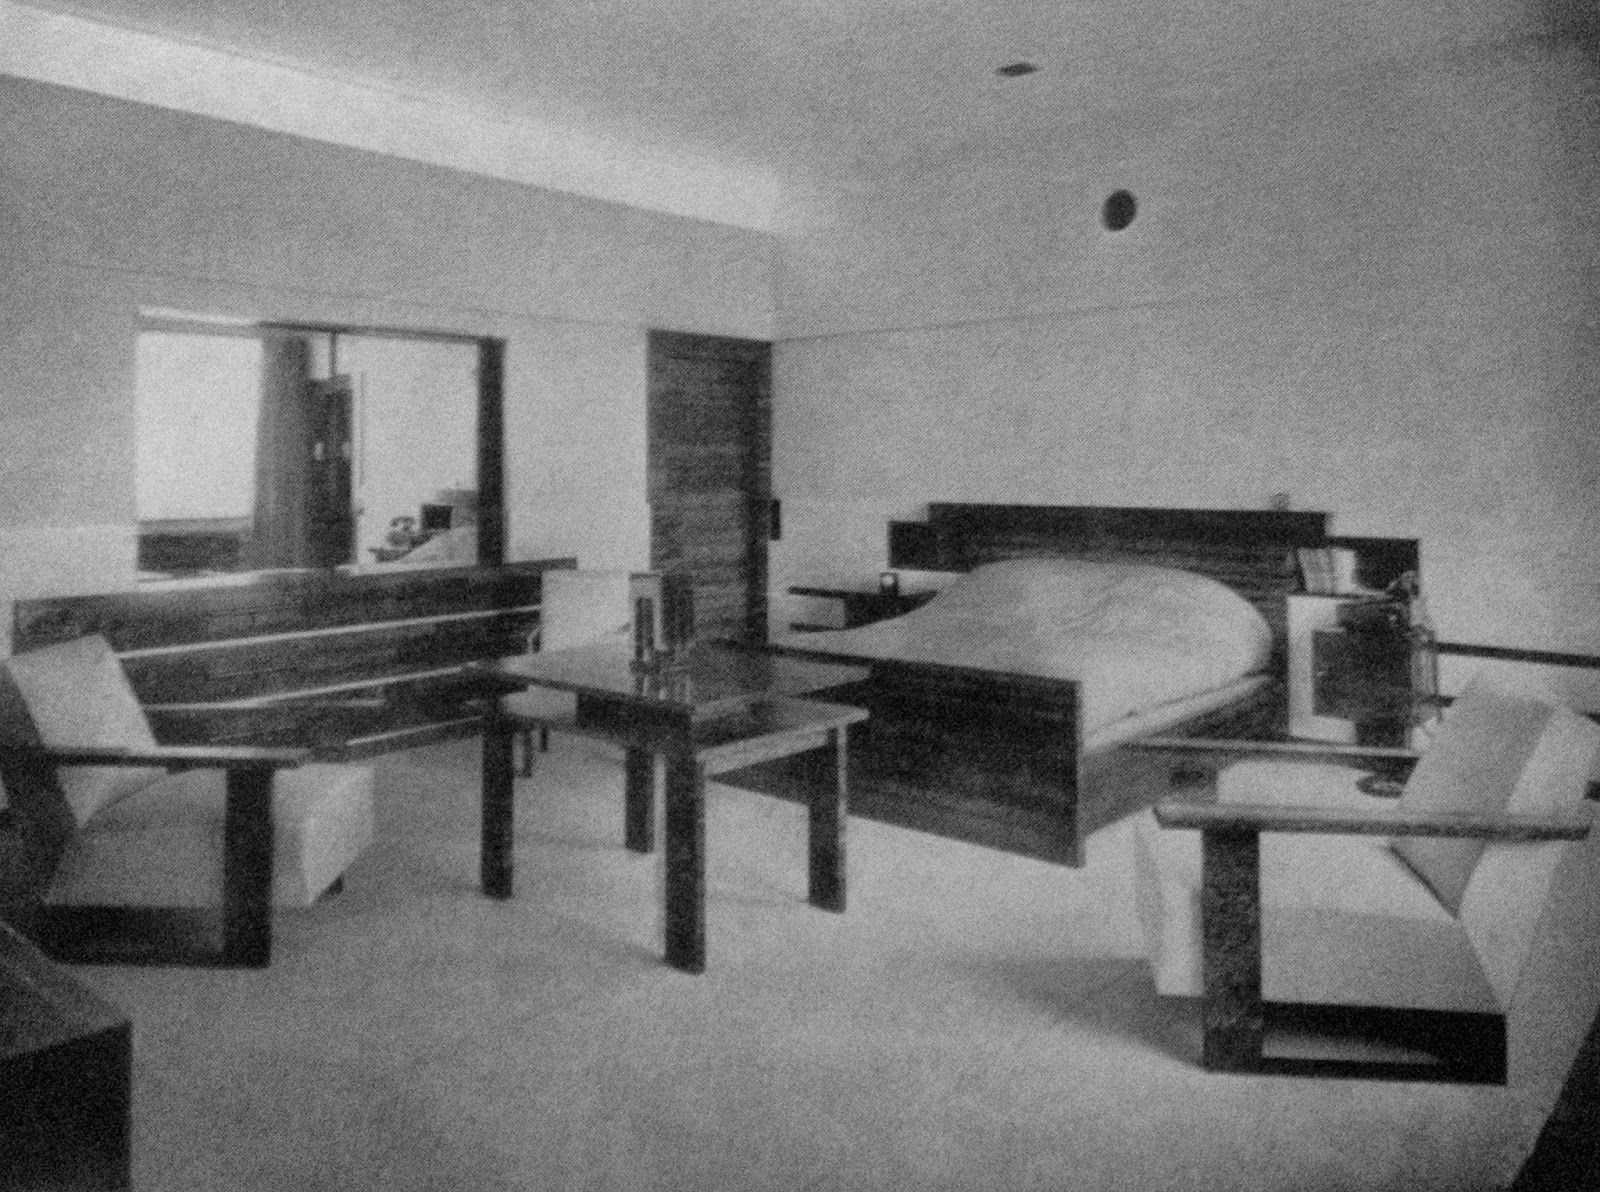 Le blog des amis de la villa cavrois: archives intérieures